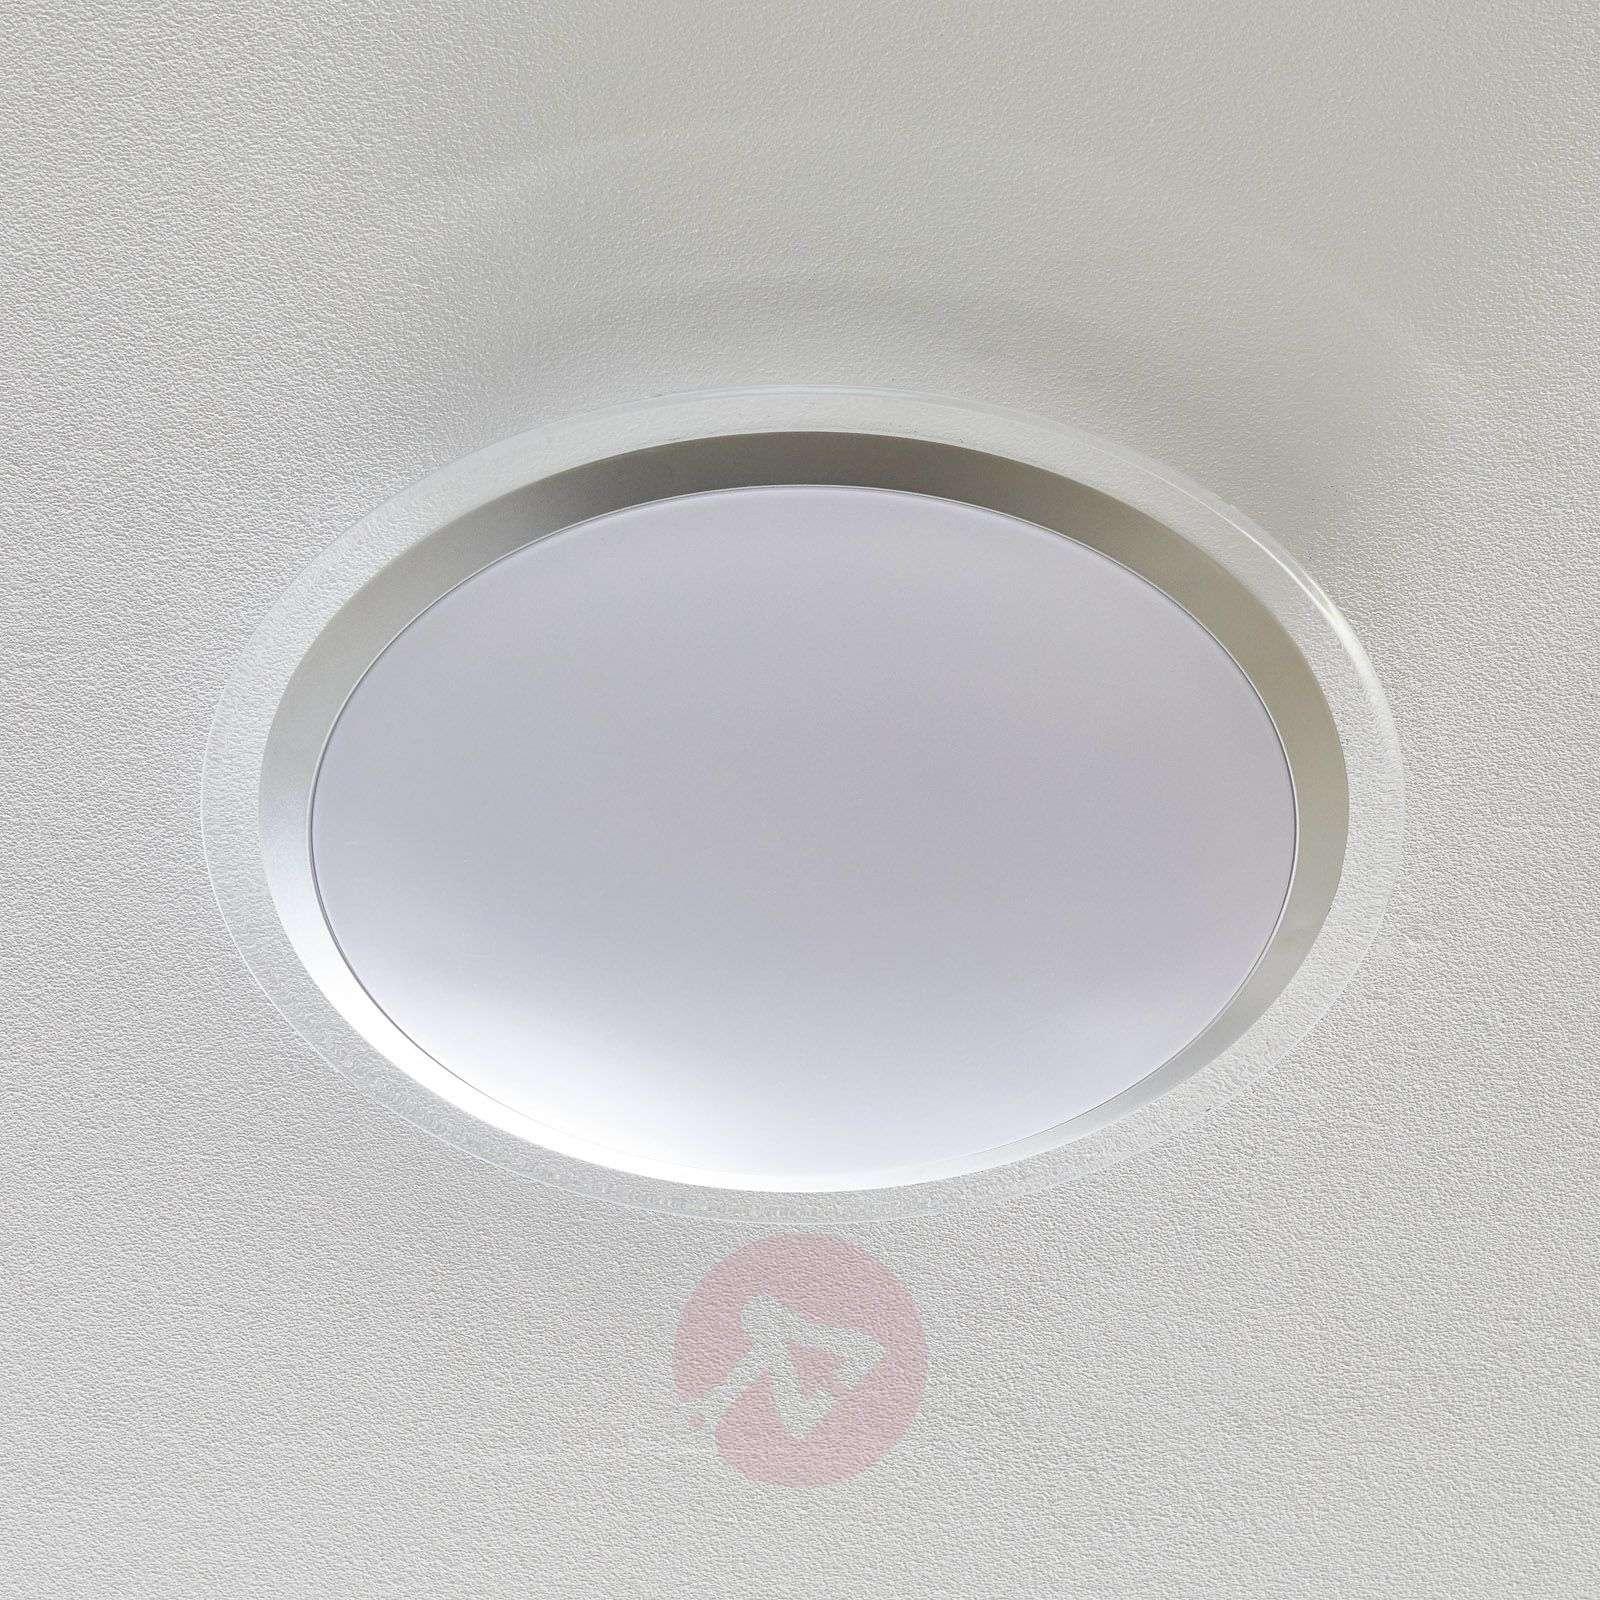 Ohjattava Competa Connect-LED-kattovalaisin-3032067-01